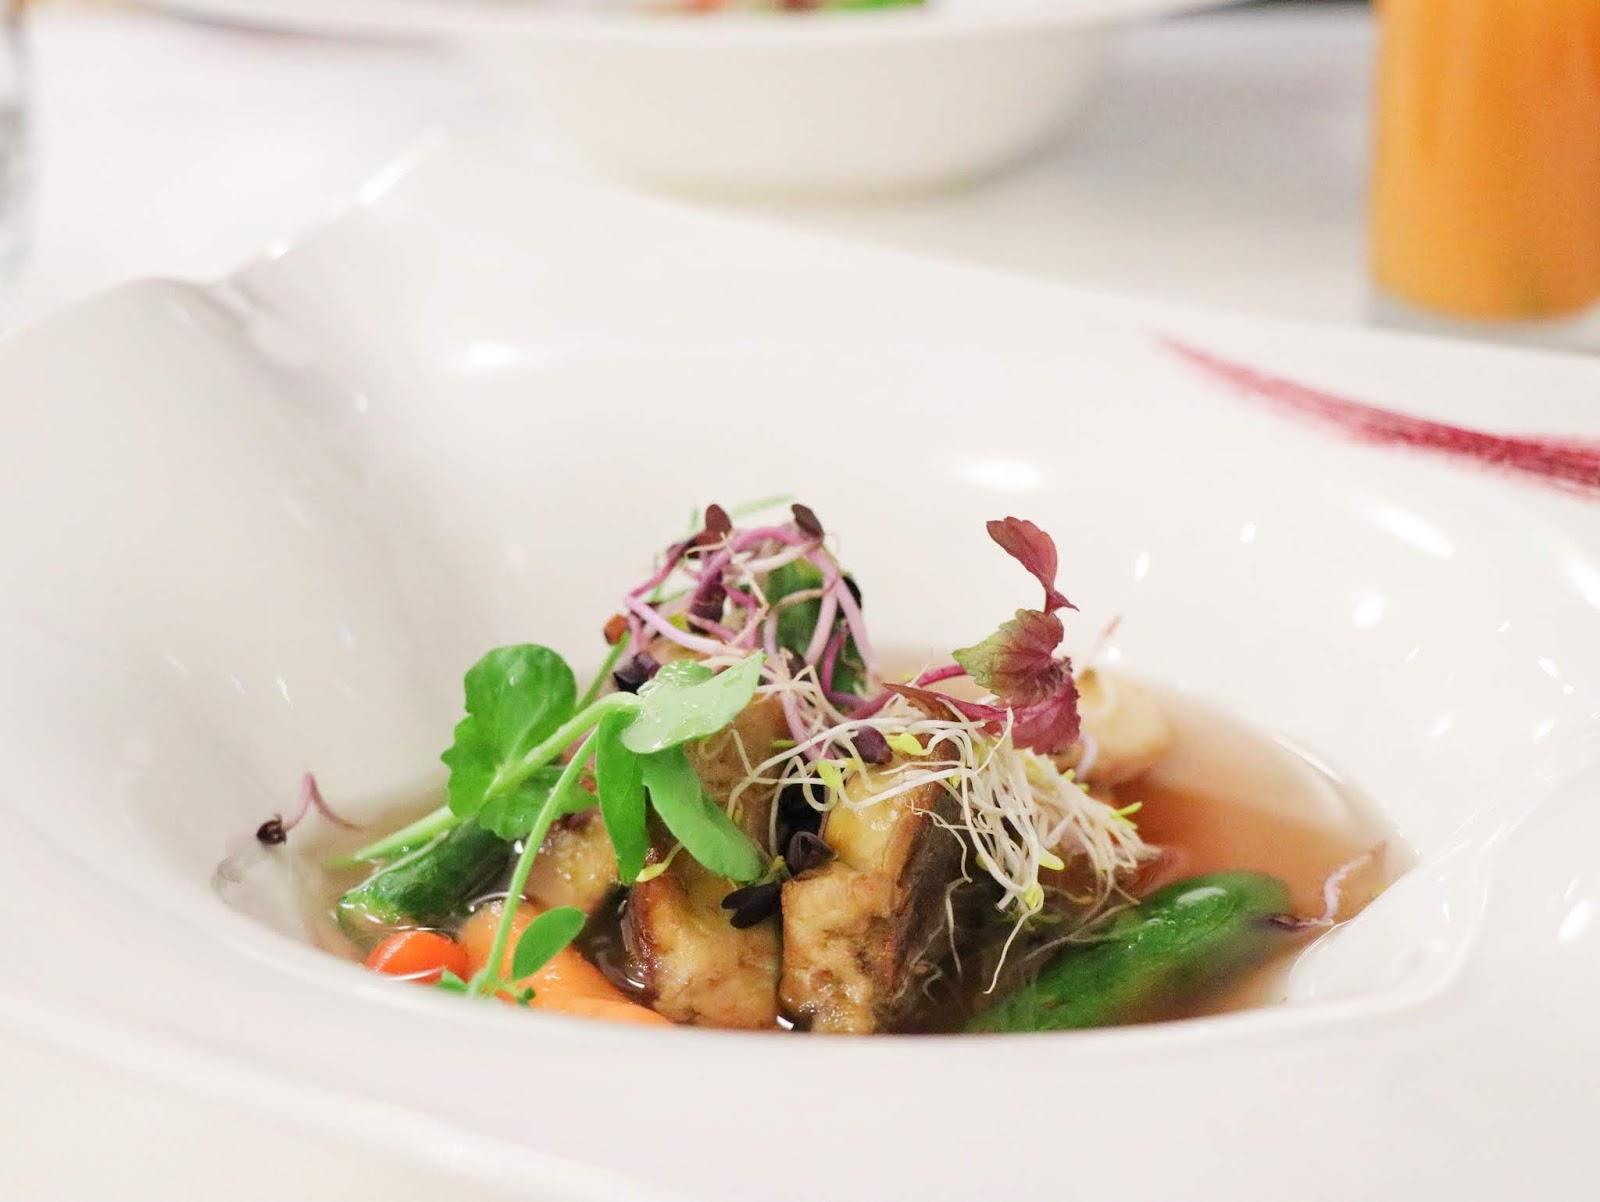 bonnes adresses food salon de thé le sound thalasso previthal donville les bains granville gouter brunch avis positif diner restaurant